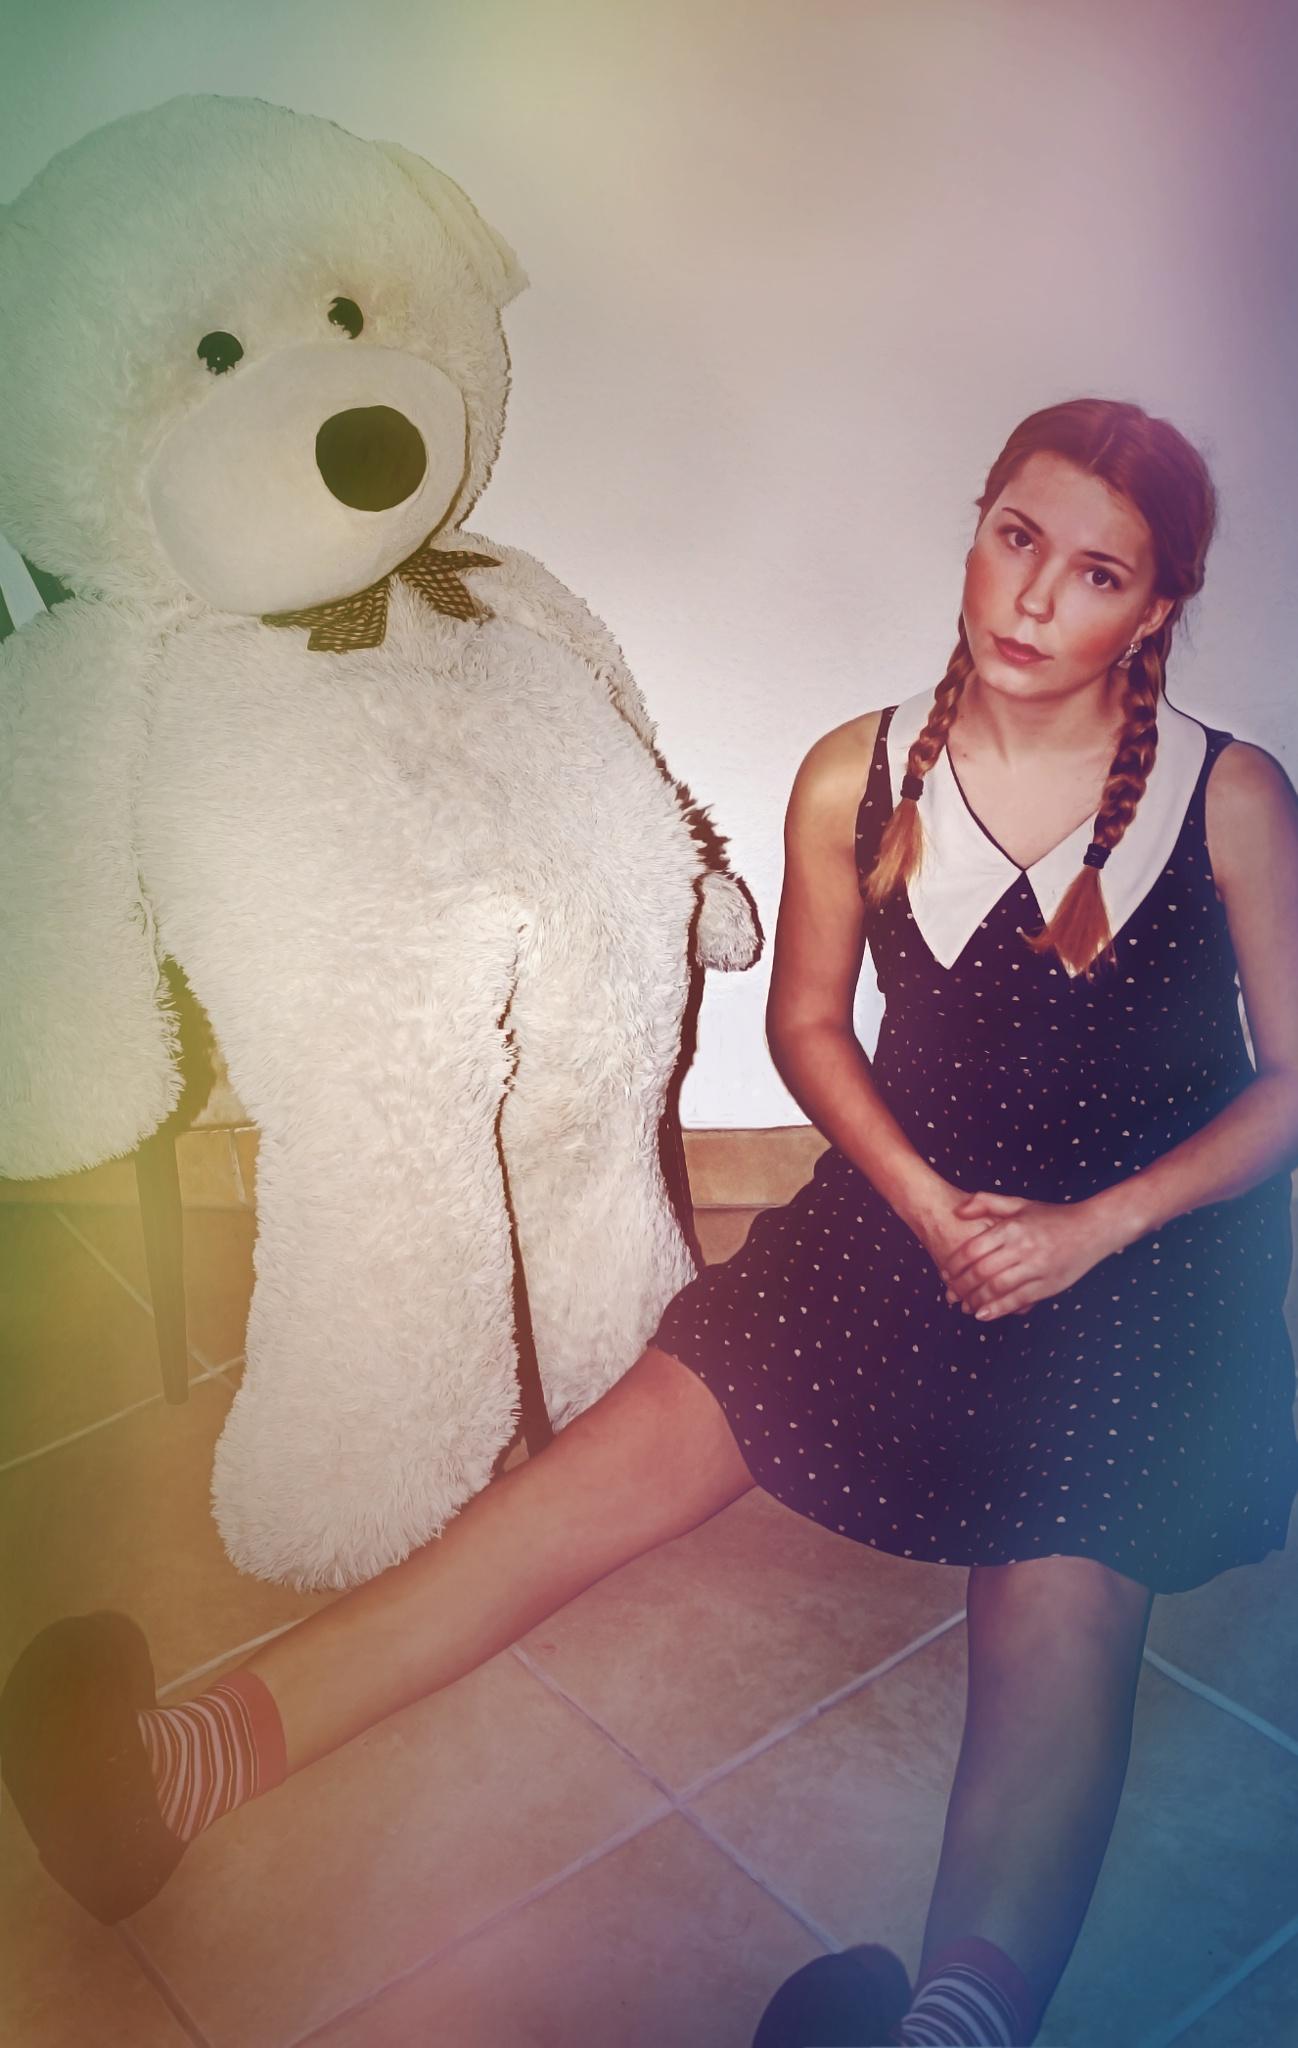 Der Teddy und die Puppe. by jennilucht